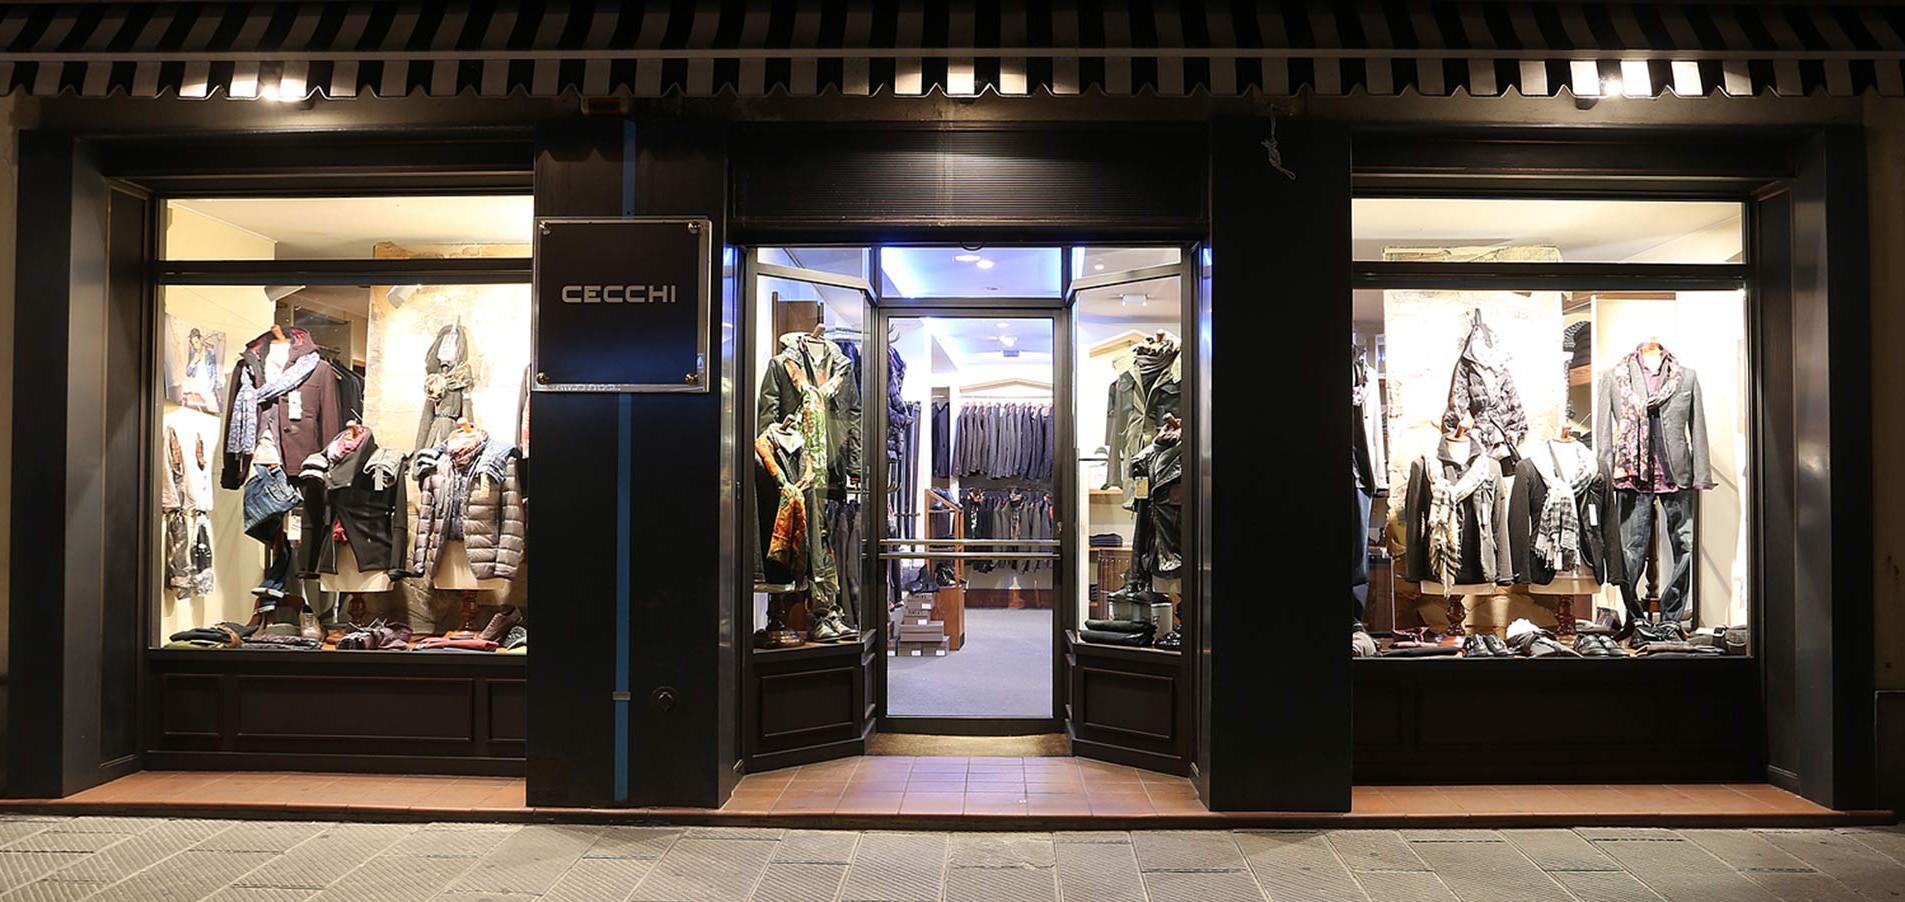 26cabc39d284a Prato - Negozio uomo moda accessori centro storico